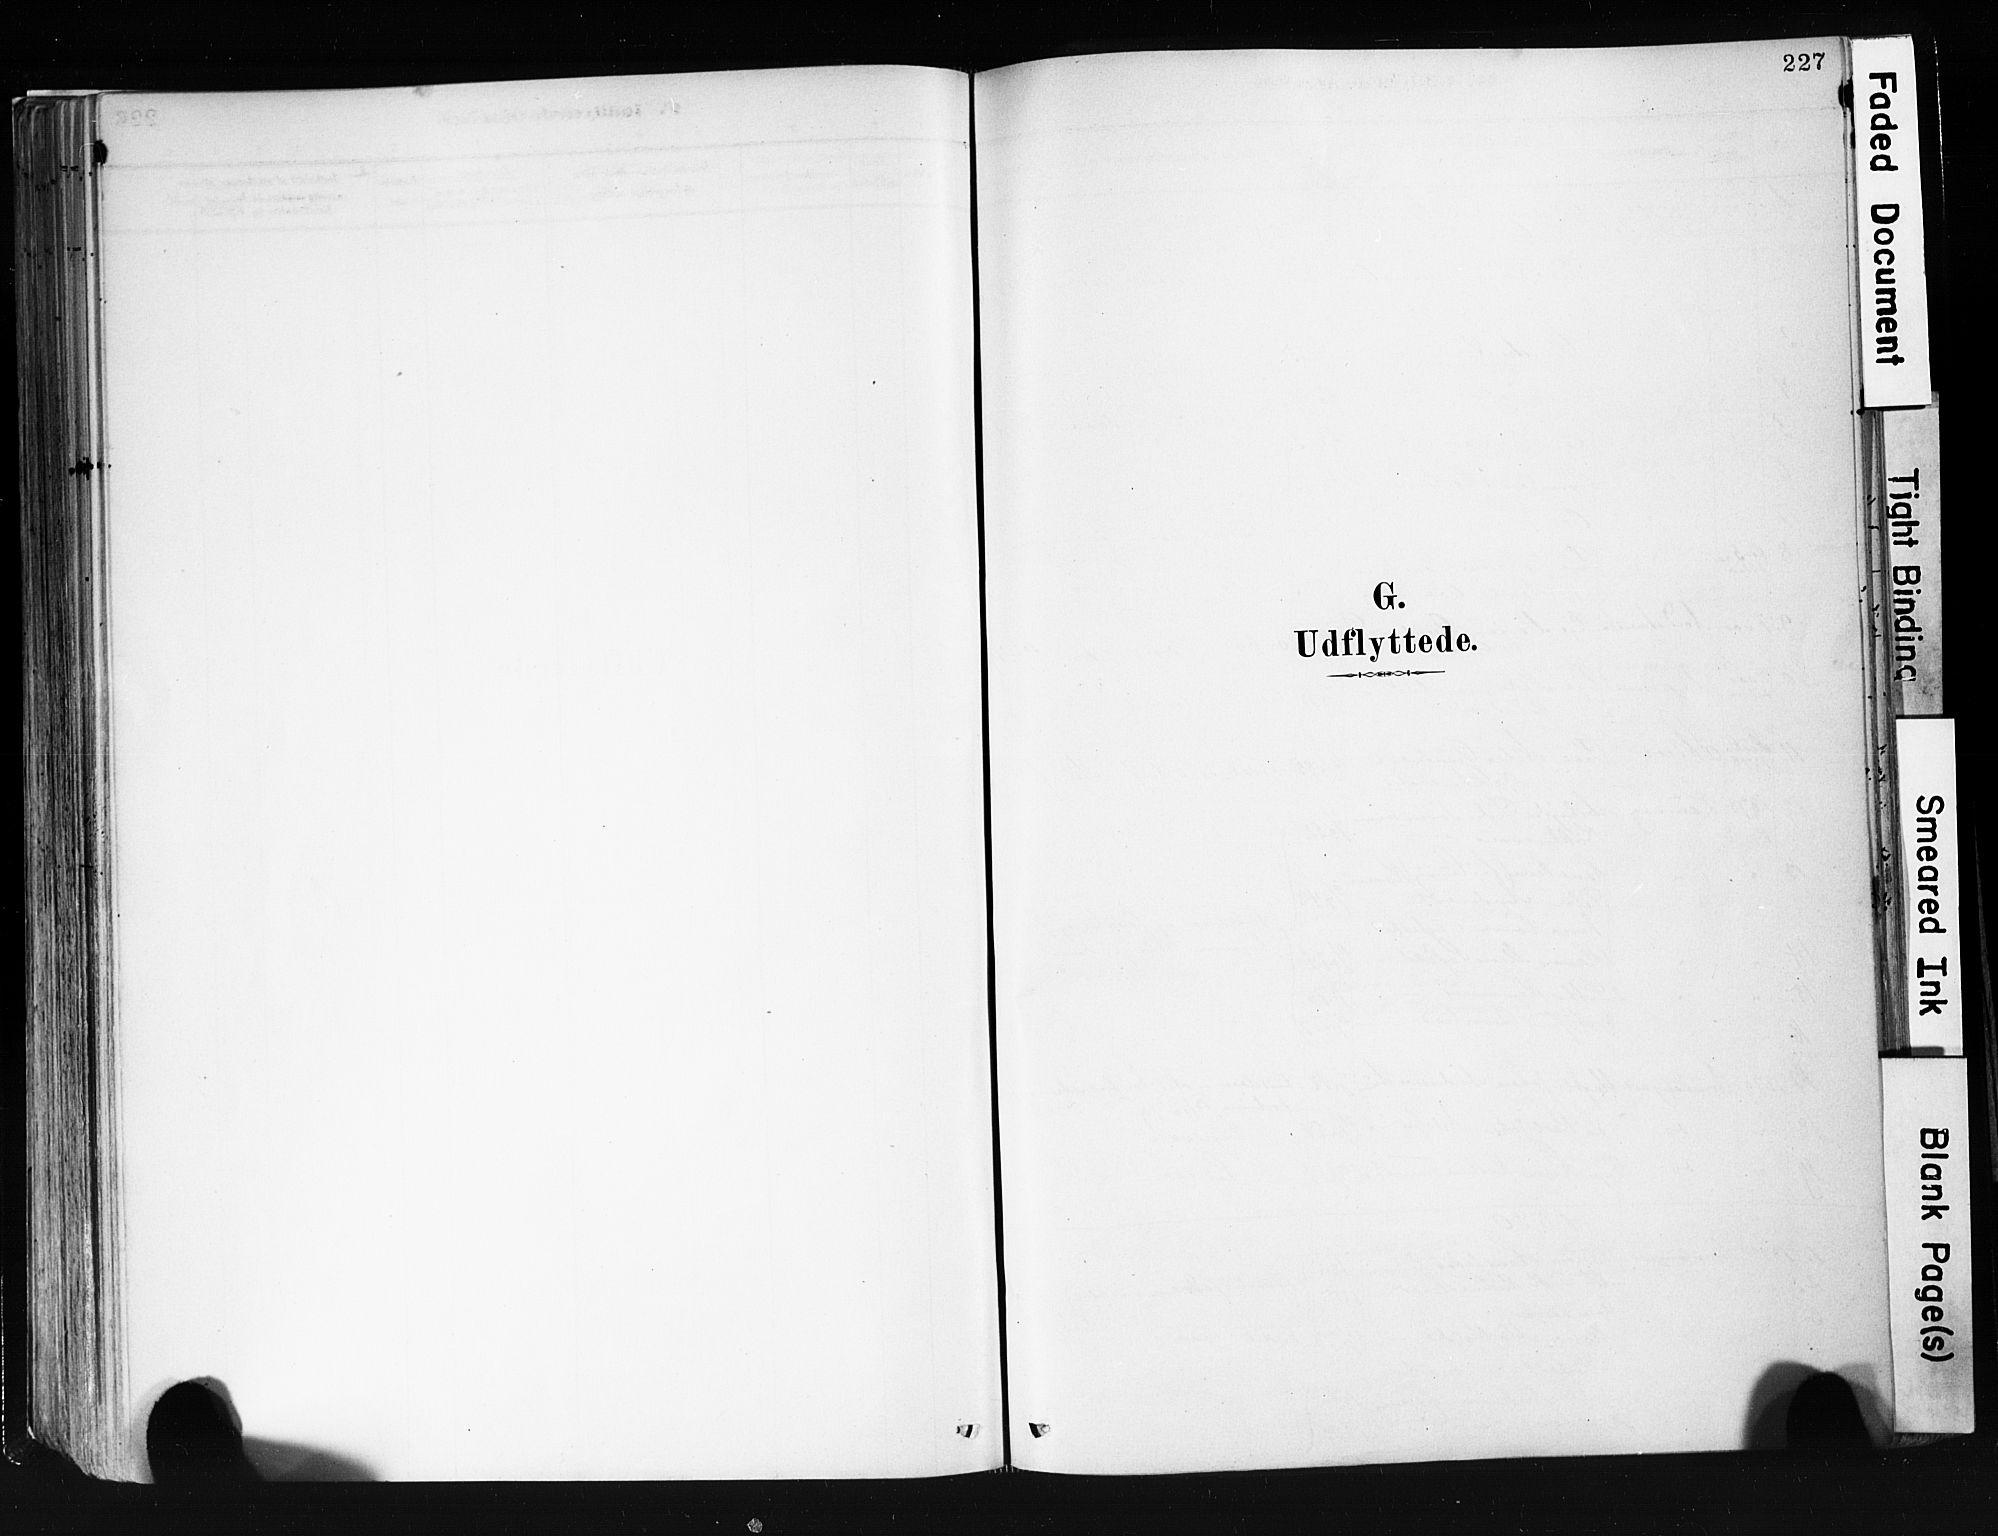 SAKO, Eidanger kirkebøker, F/Fa/L0012: Ministerialbok nr. 12, 1879-1900, s. 227